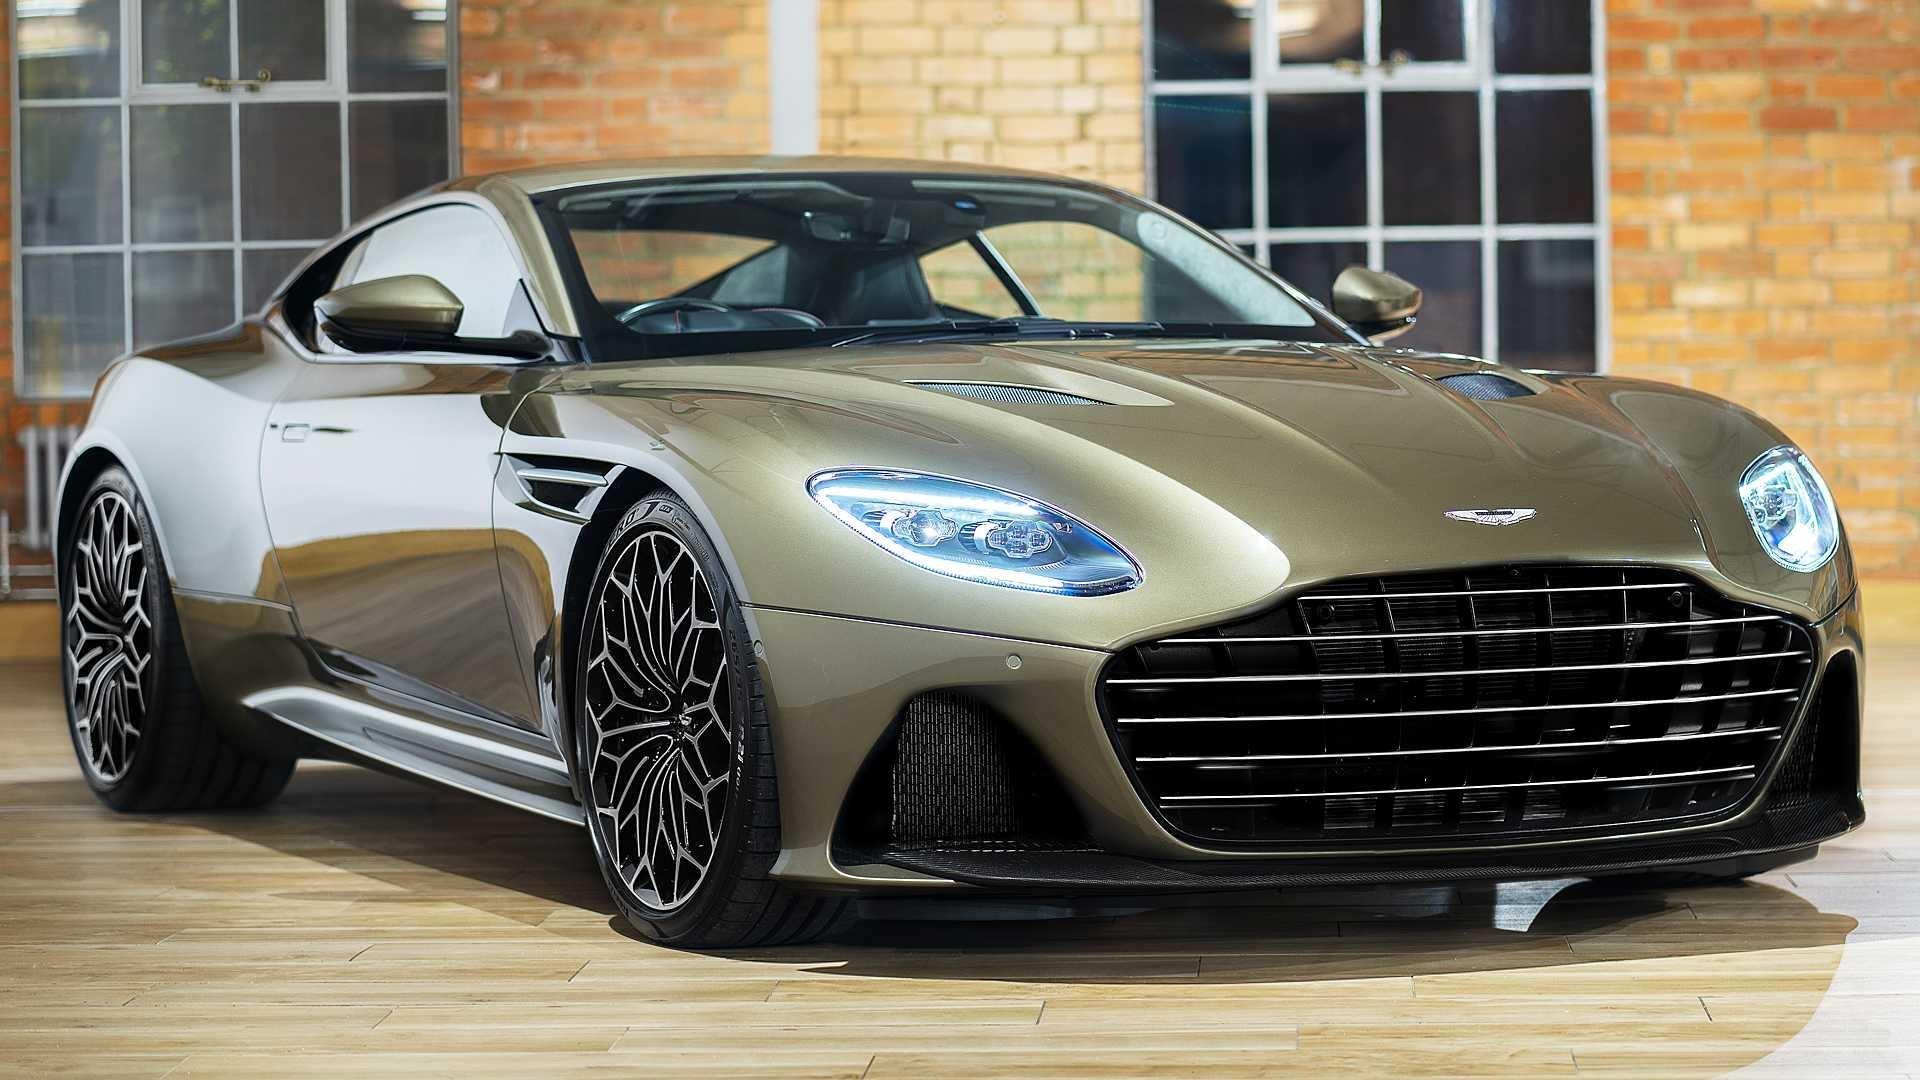 Sẽ chỉ có 50 chiếc DBS Superleggera James Bond Special Edition được sản xuất trên toàn thế giới, với mức giá từ 382.000 USD, đắt hơn 95.000 USD so với bản tiêu chuẩn. Quá trình giao hàng dự kiến bắt đầu vào quý IV năm nay.